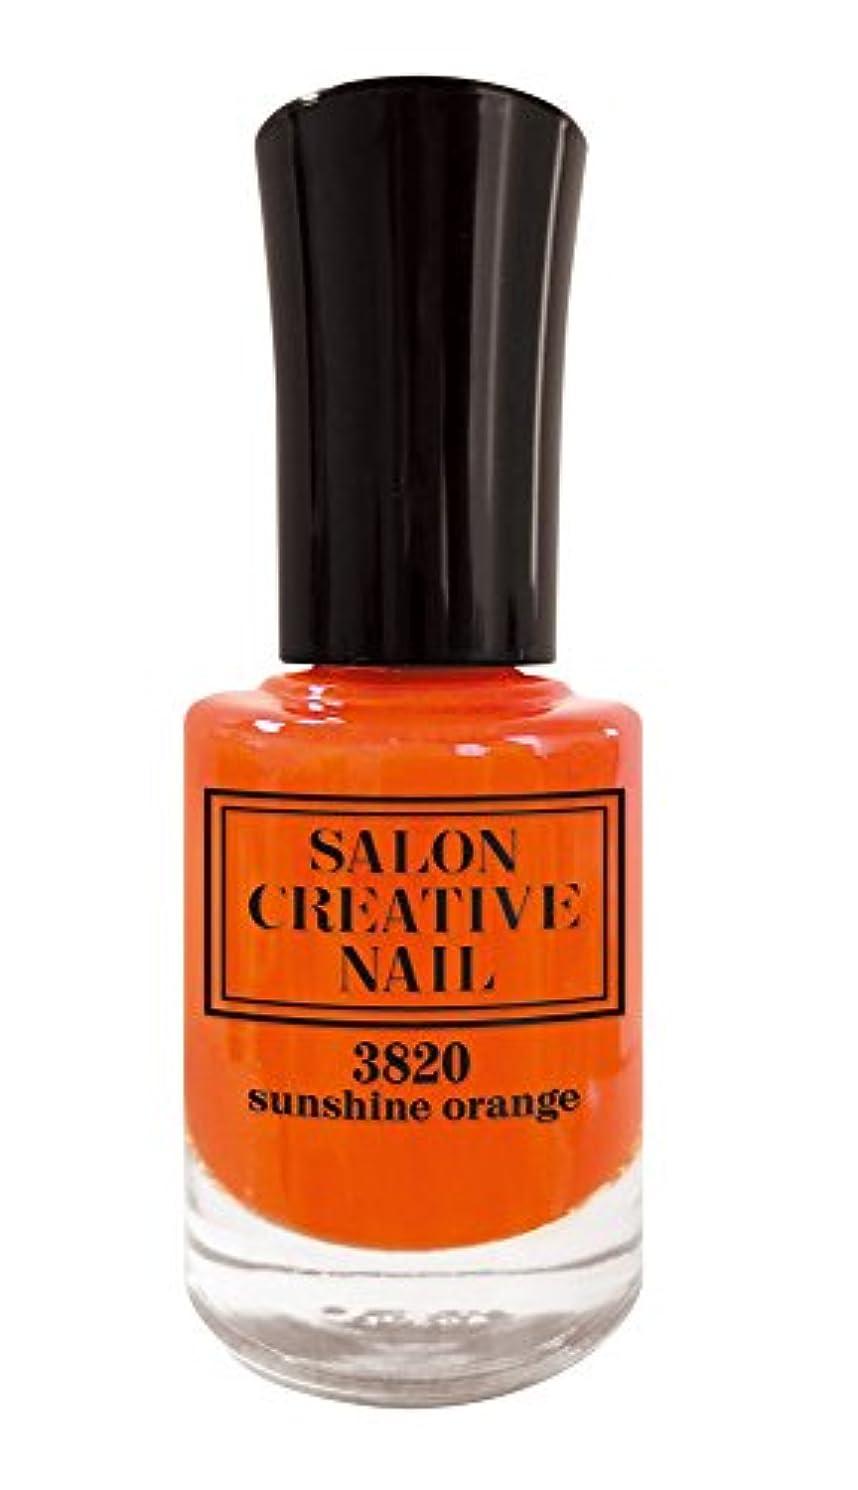 悪意ブランデーほとんどの場合ビューティーワールド サロンクリエイティブネイル サンシャインオレンジ SCN3820